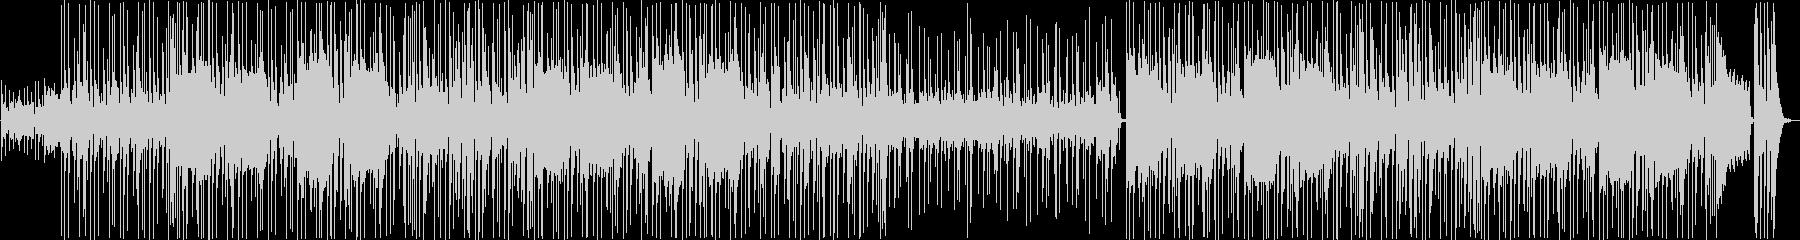 少しレトロでリズミカルなジャズファンクの未再生の波形